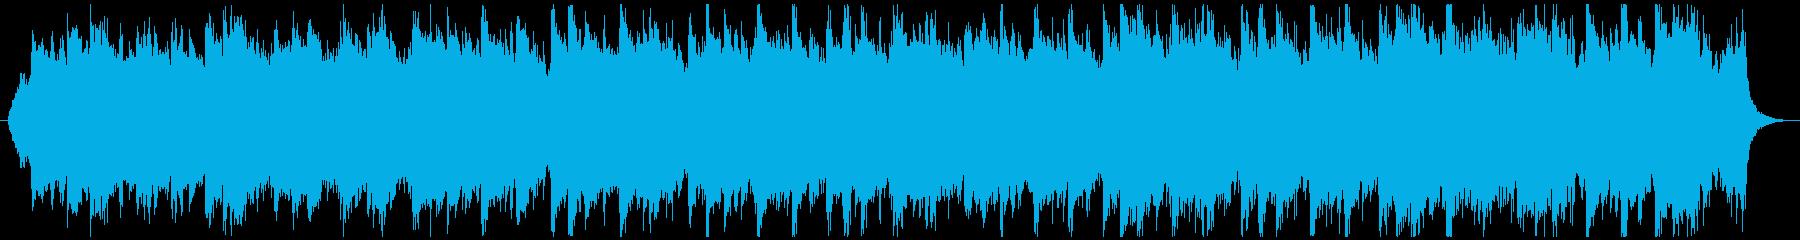 【ボーカルなし】美しい感動的バラードhの再生済みの波形